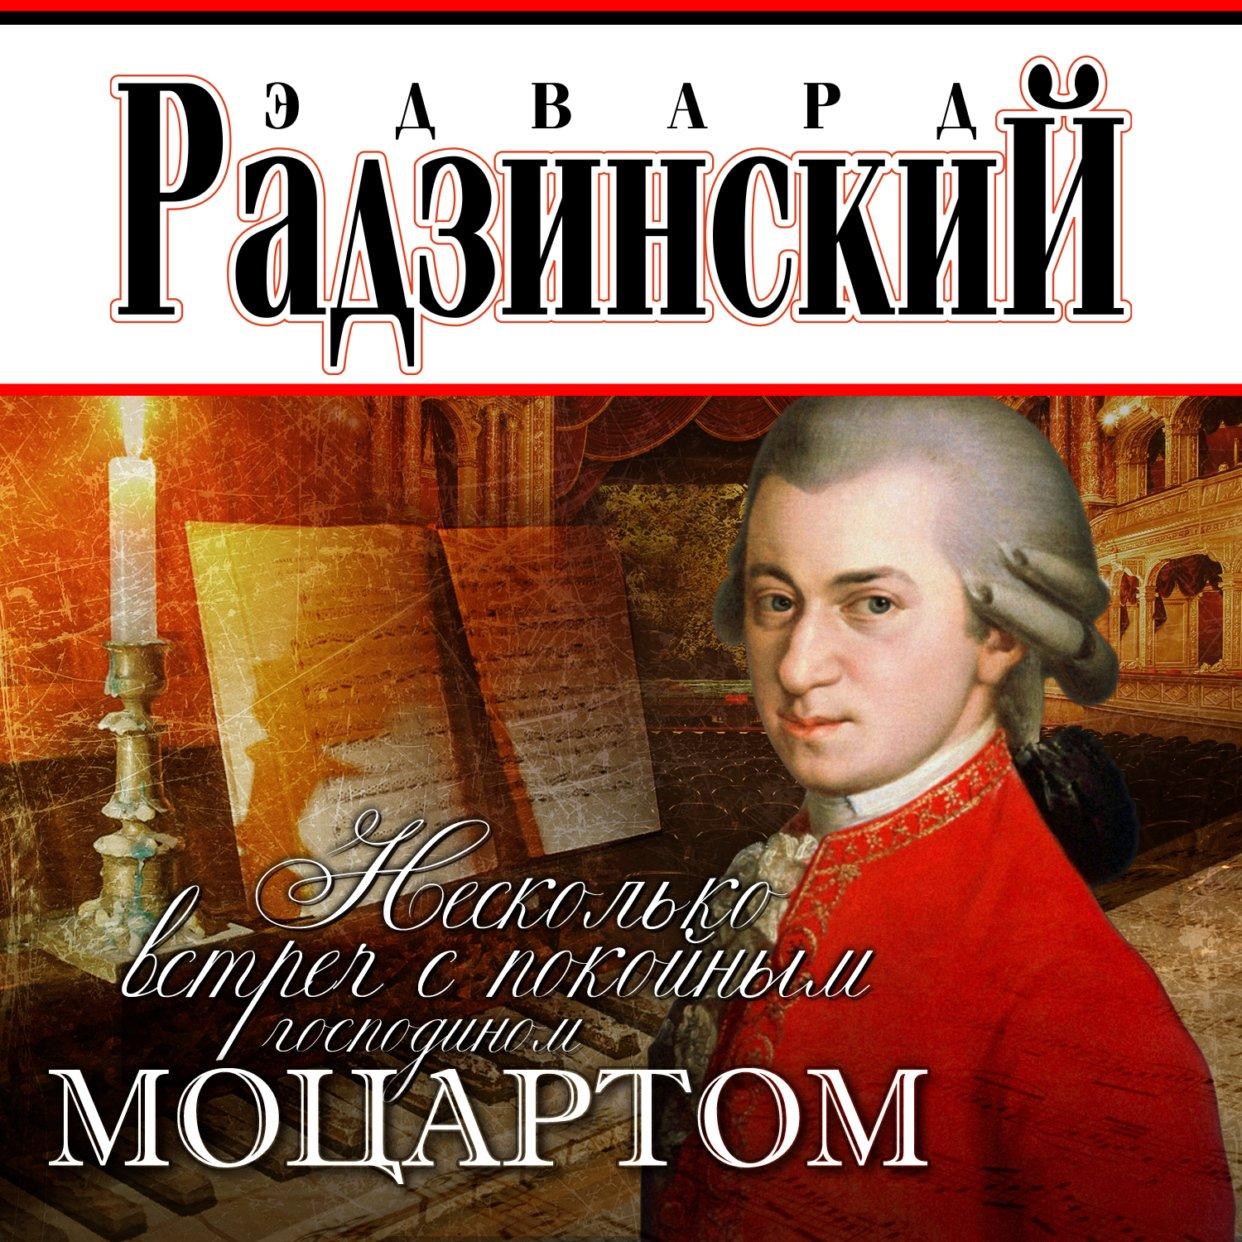 Несколько встреч с покойным господином Моцартом